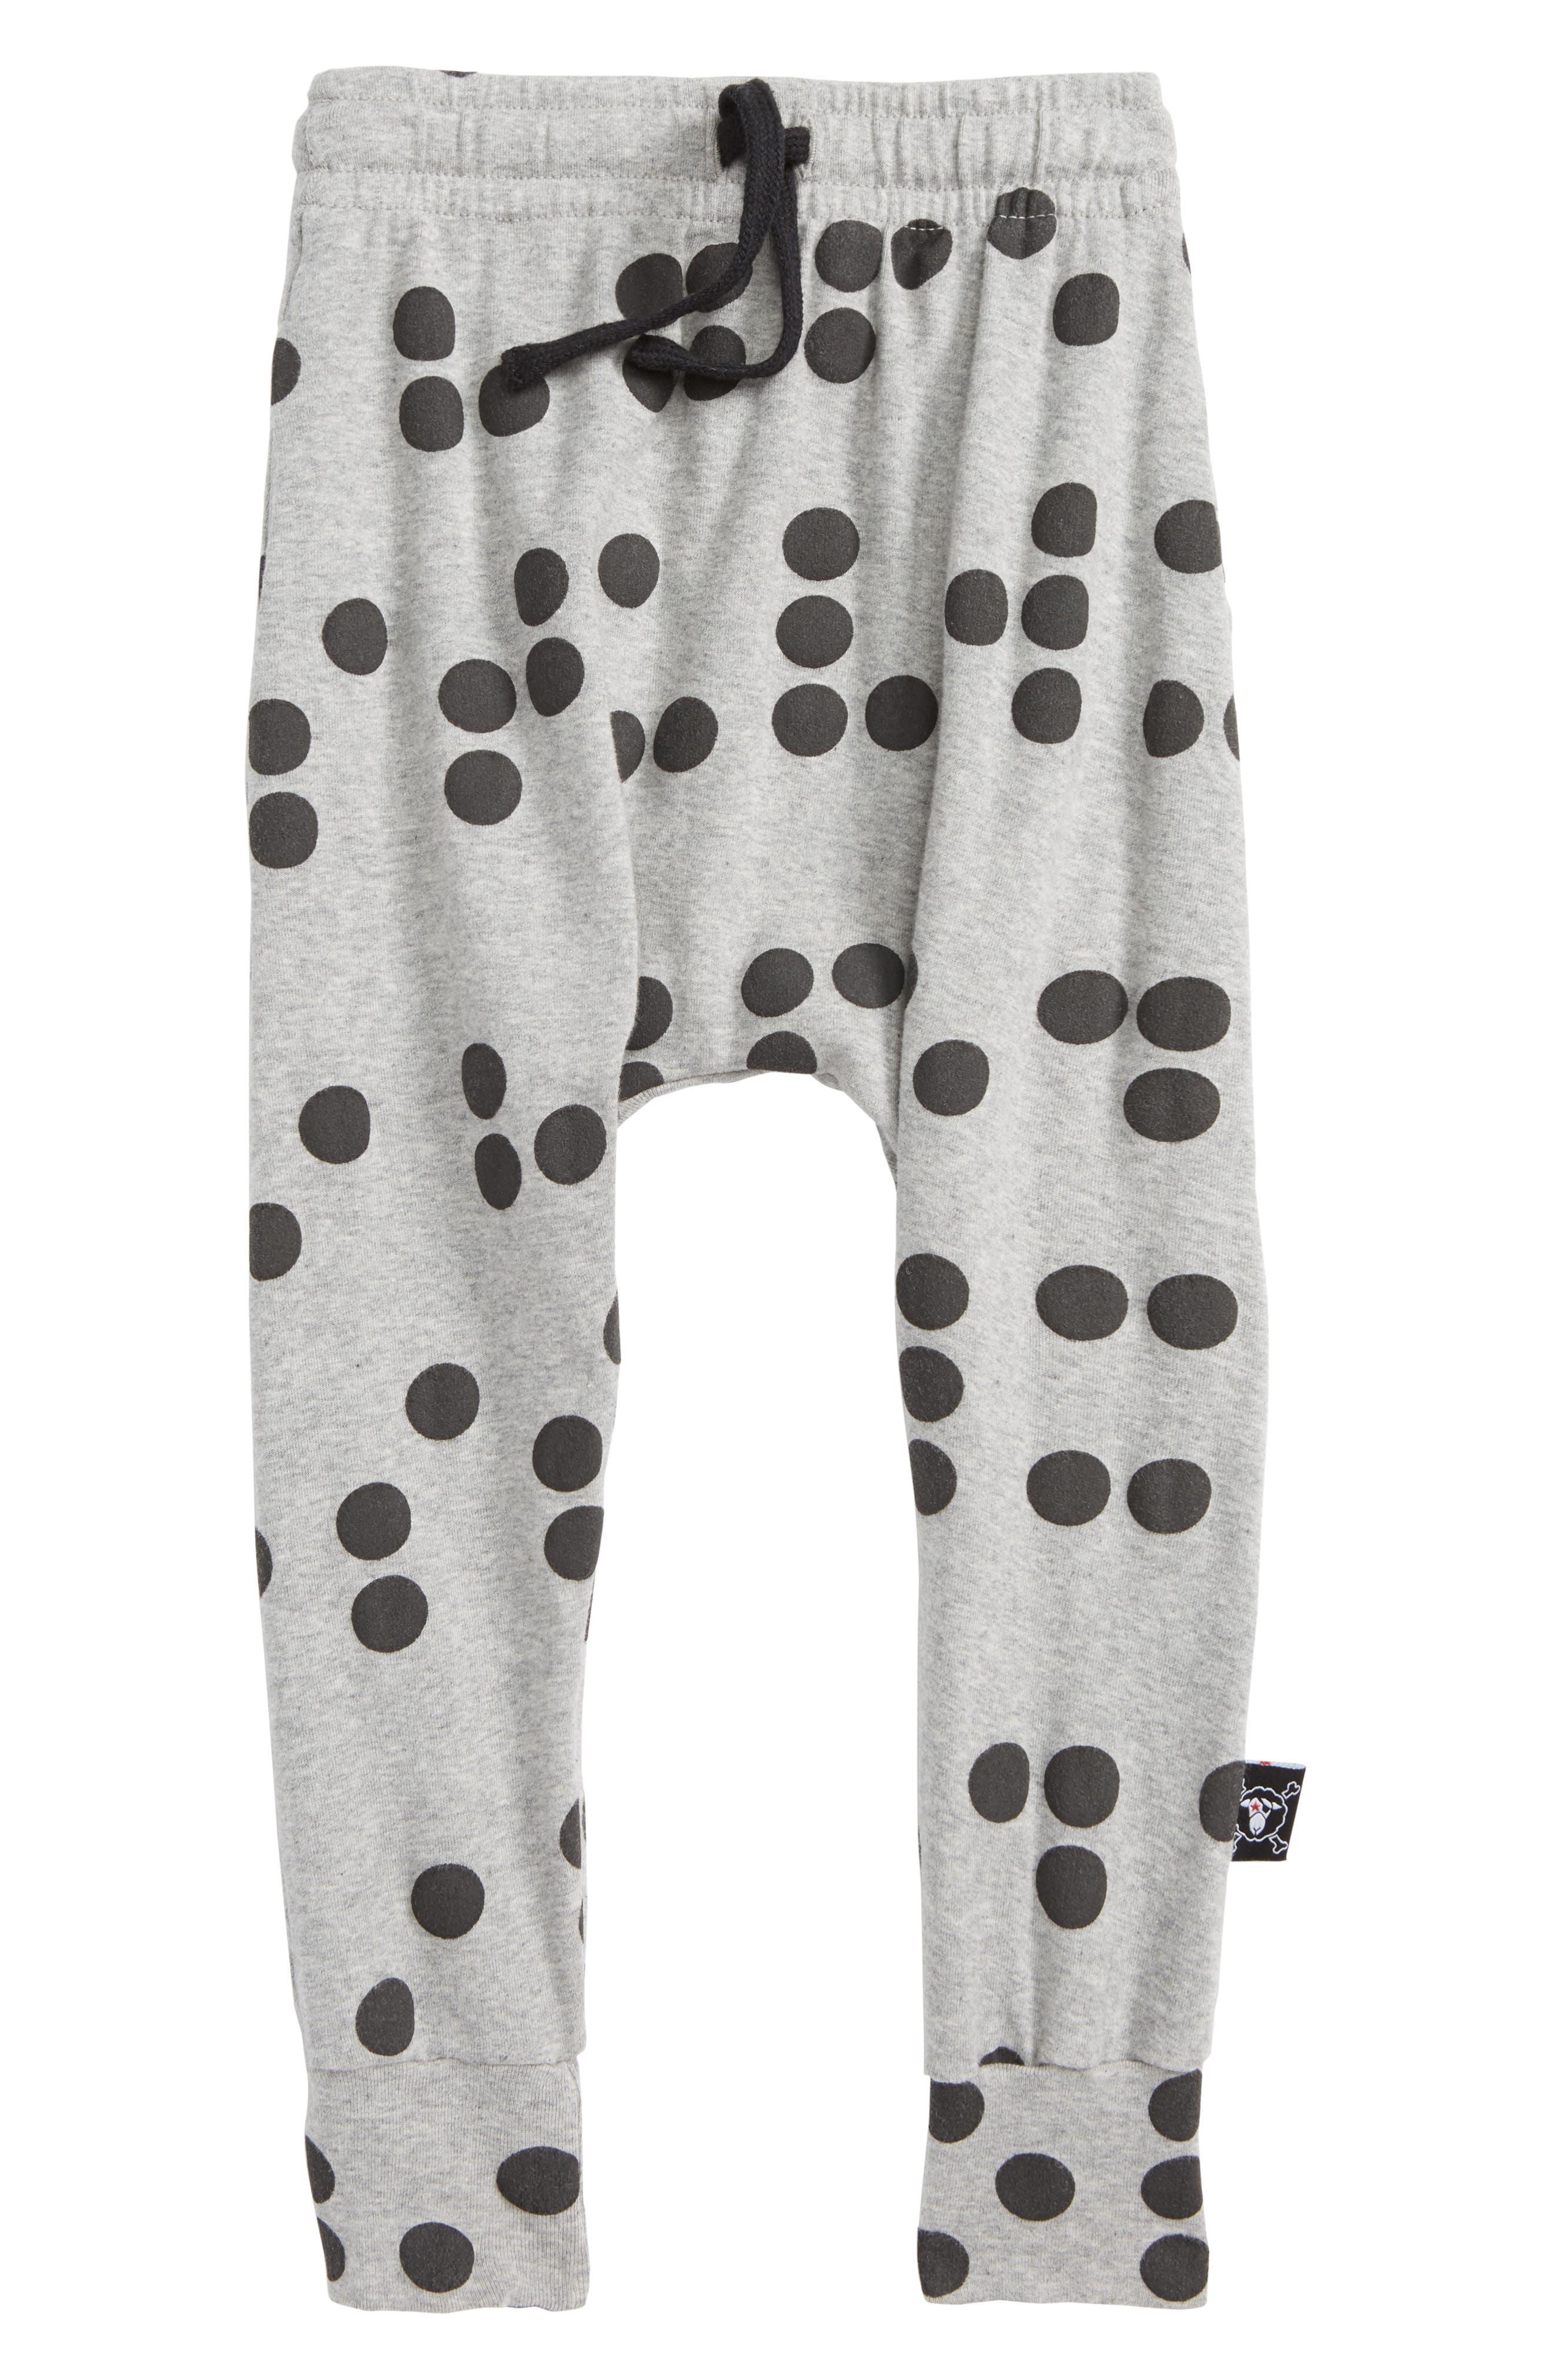 Braille Baggy Pants,                             Main thumbnail 1, color,                             050